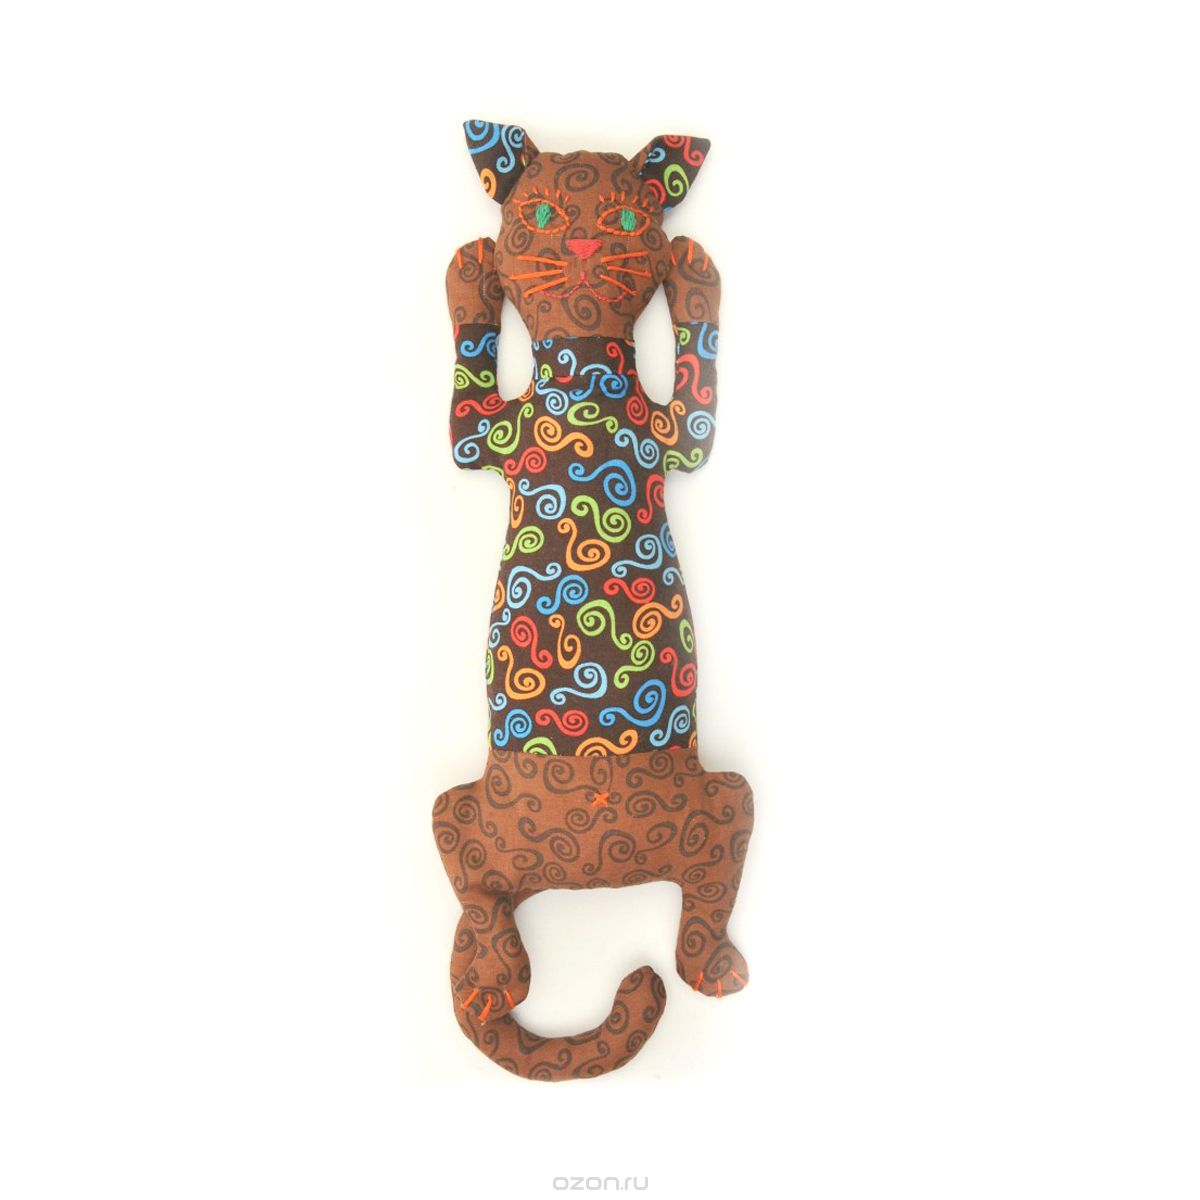 КП202 Набор для изготовления текстильной игрушки 'Кот Кофеман', 34,5 см, 'Перловка'